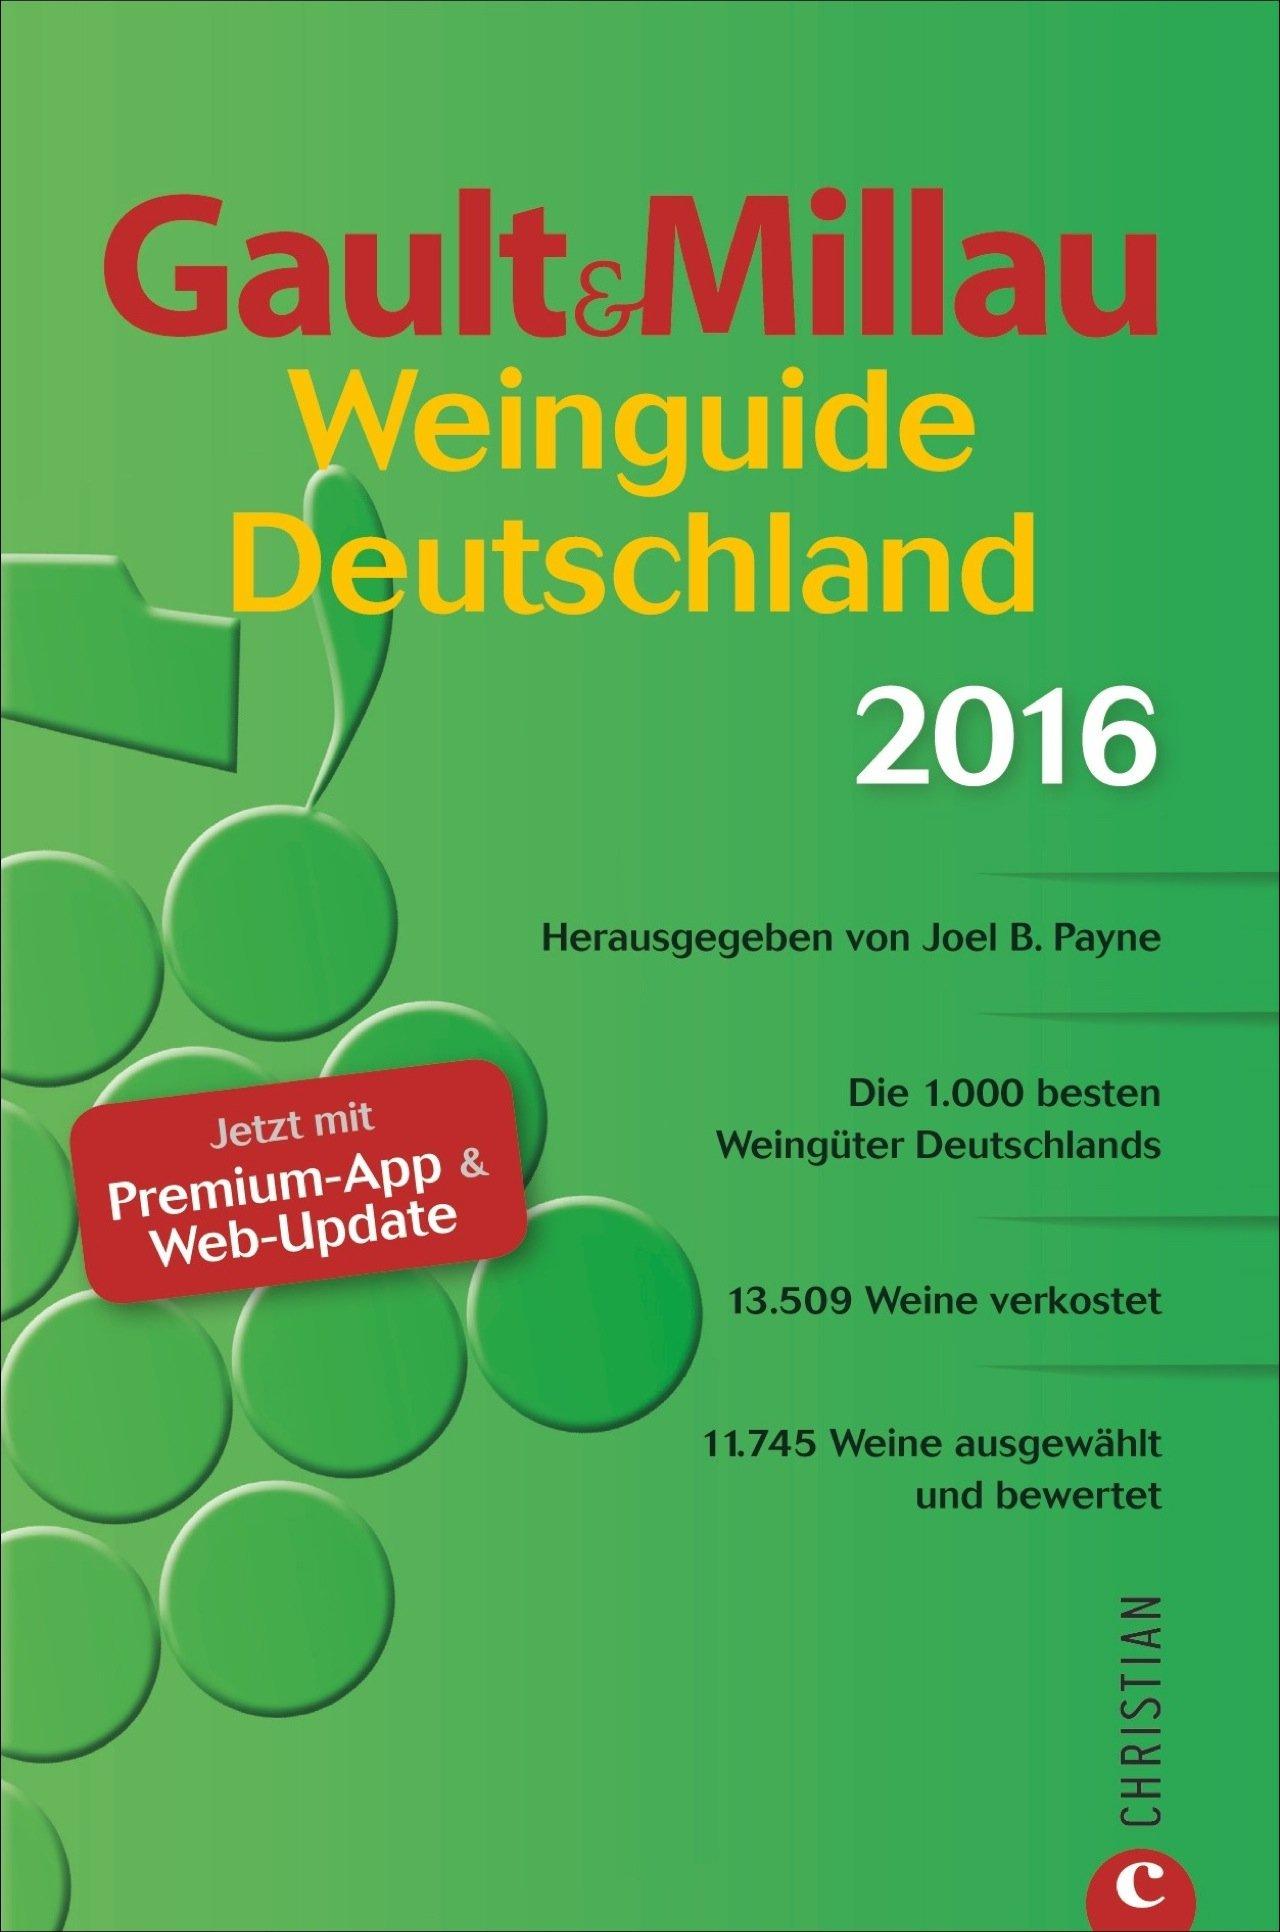 Buch: Gault&Millau WeinGuide Deutschland 2016